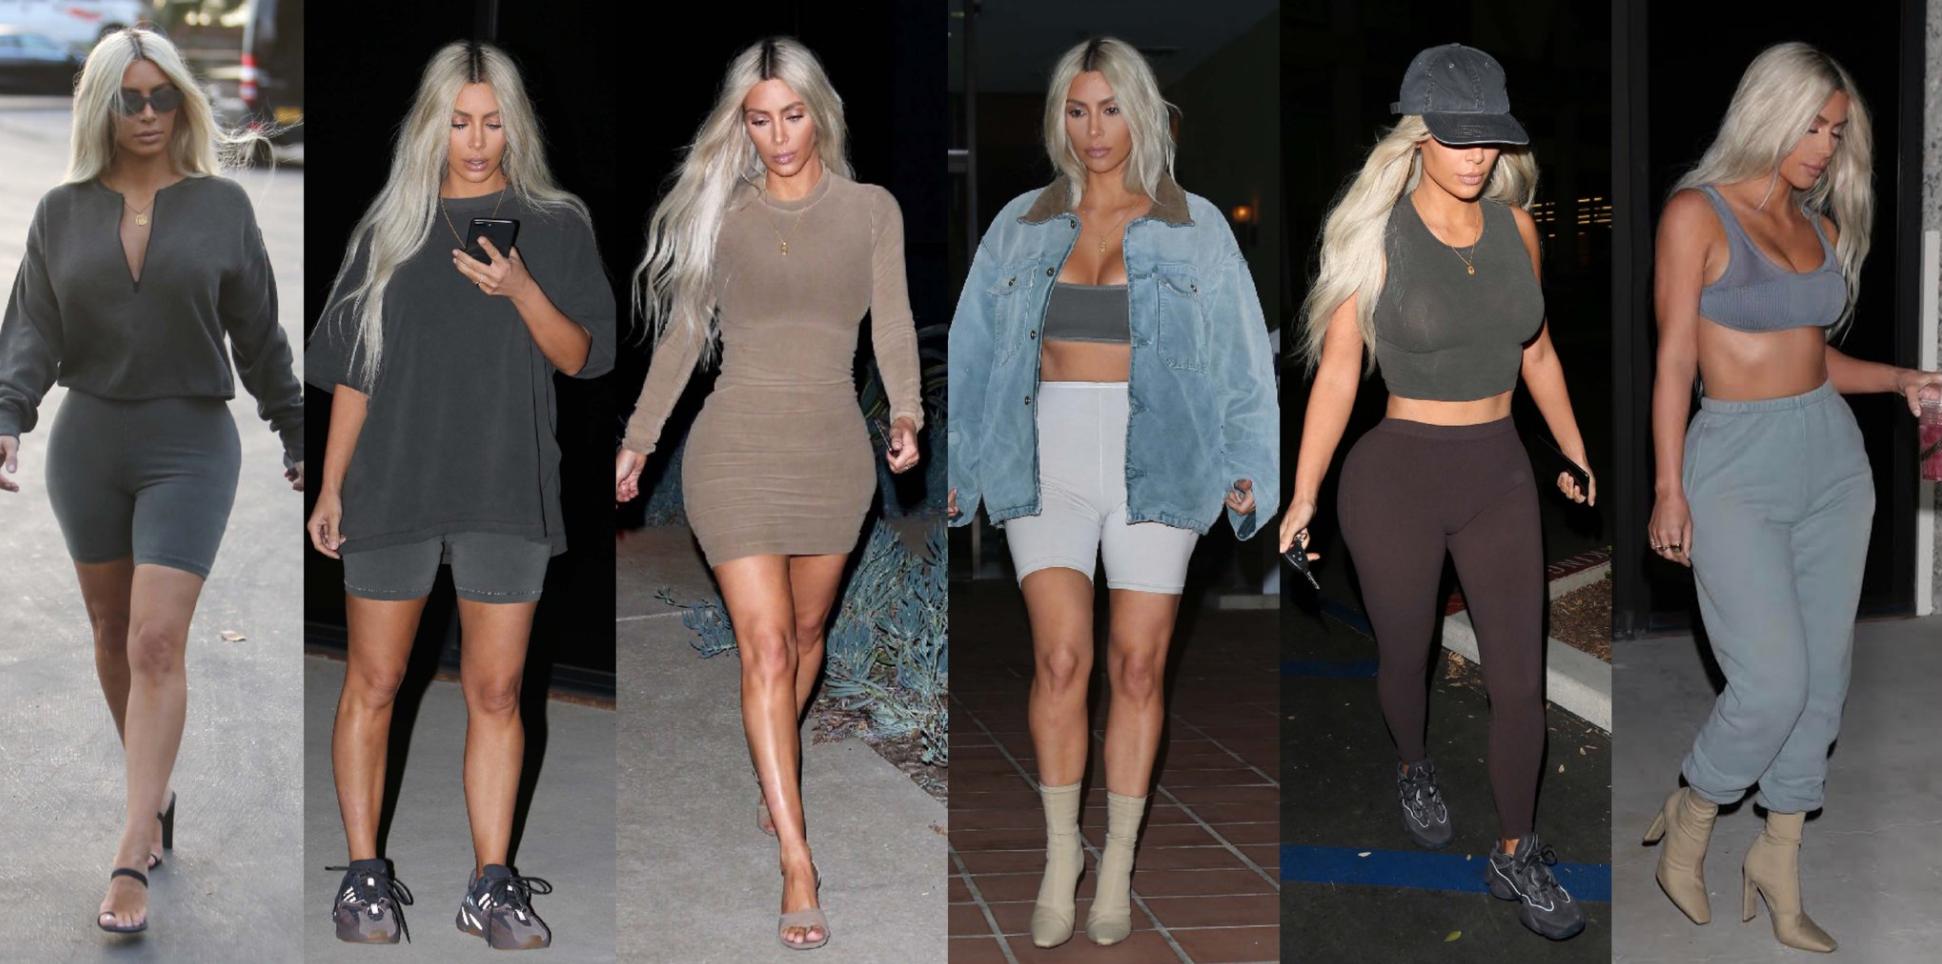 3f526069417 Yeezy Season 6 Approaching  Kim Kardashian West Reveals New Looks In ...